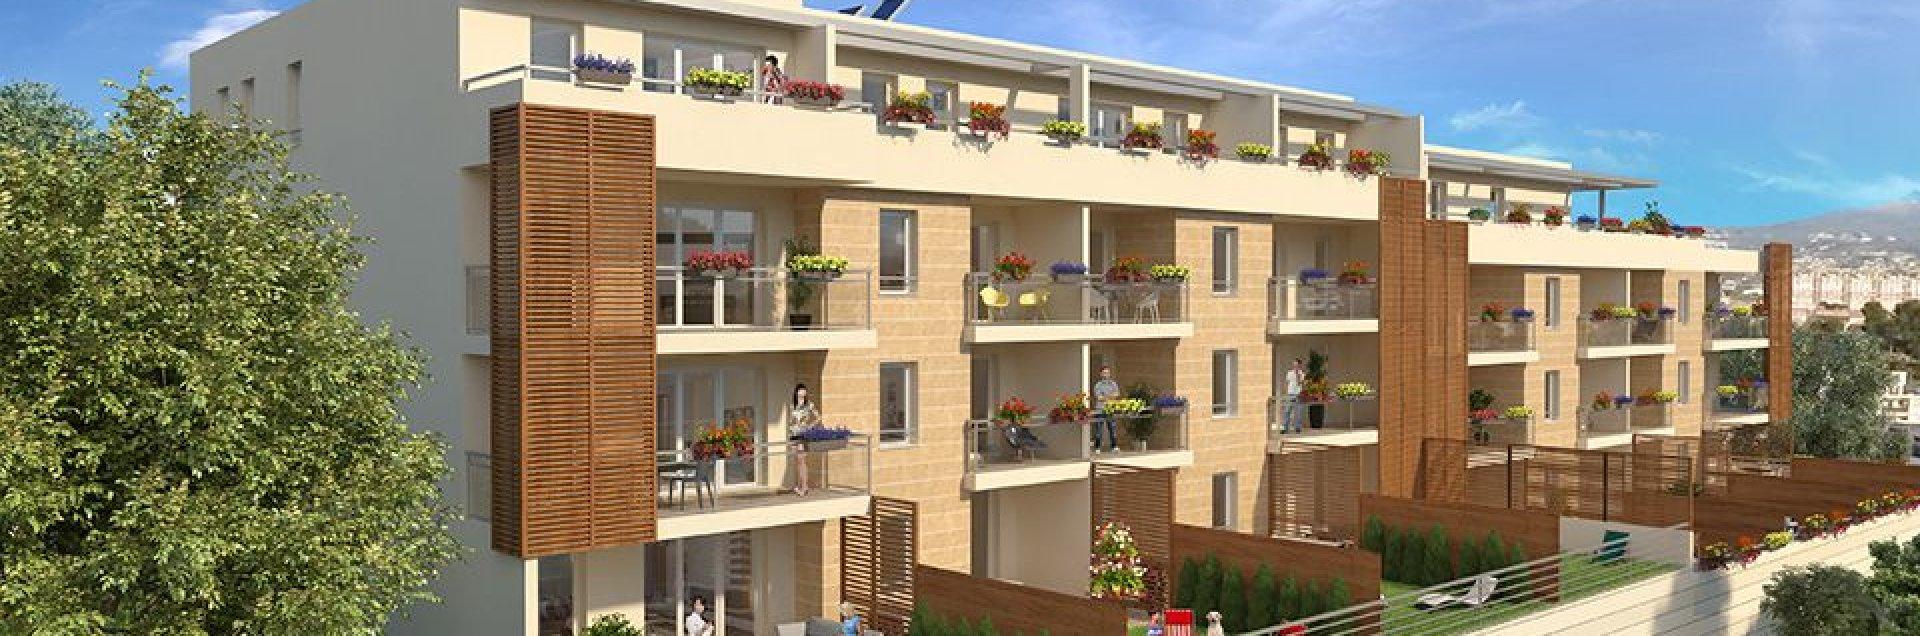 ALTICIA PARC - 13ème arrondissement - Web - Illustration